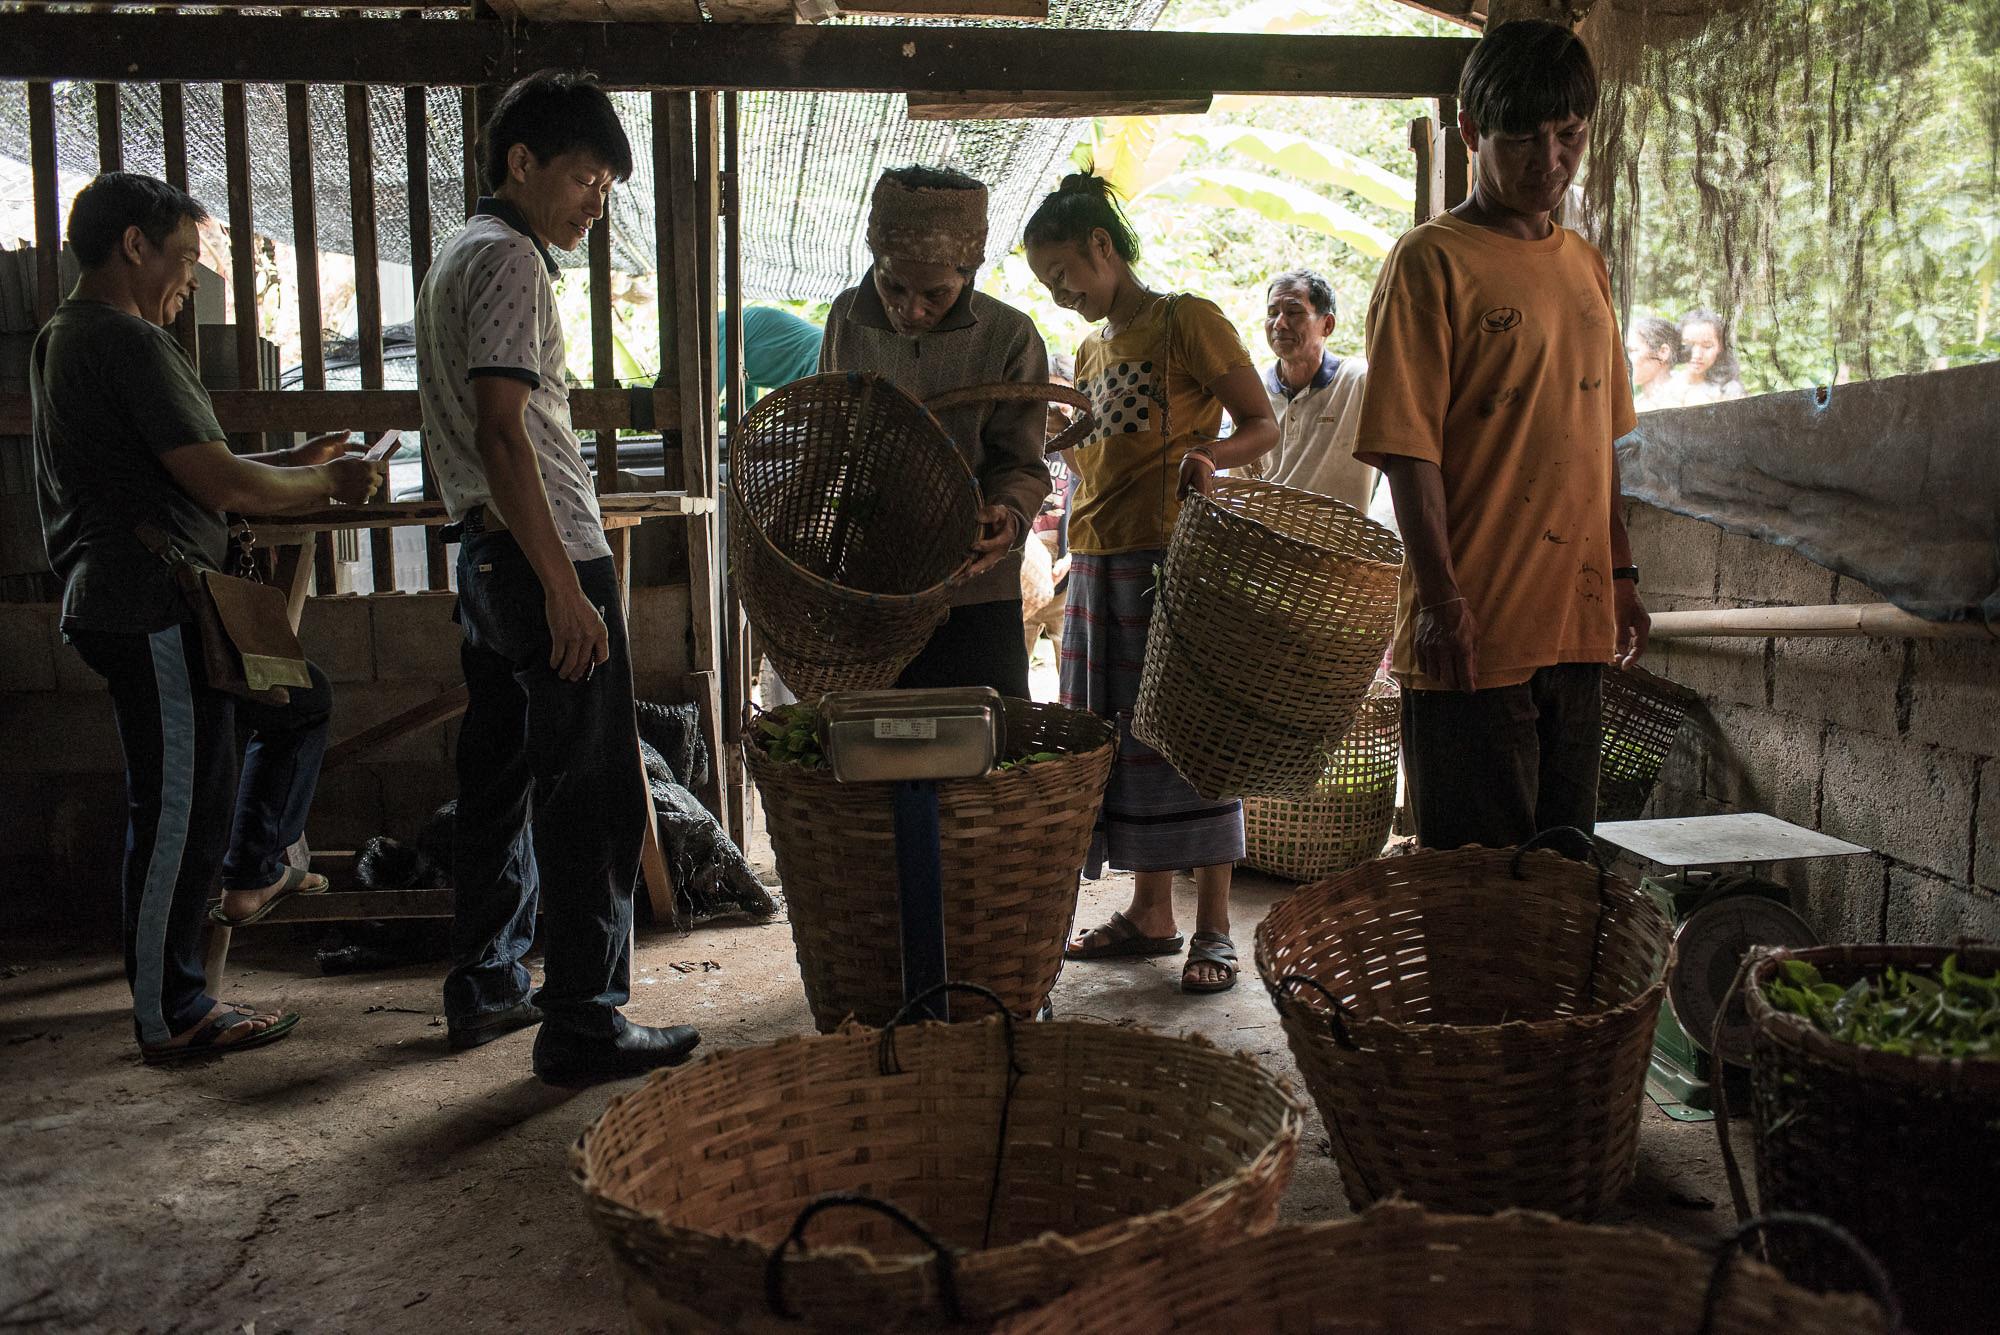 ชาวบ้านหินลาดในเข้าแถวนำใบชาที่ปลูกในหมูบ้านมาขายให้กำพ่อค้าคนกลางที่เข้ามารับซื้อในหมู่บ้าน ทั้งนี้รายได้จากการขายผลผลิตท้องถิ่นส่วนหนึ่งจะถูกนำไปใช้ในกองทุนดับไฟป่าของชุมชน (ที่มา: ยศธร ไตรยศ)